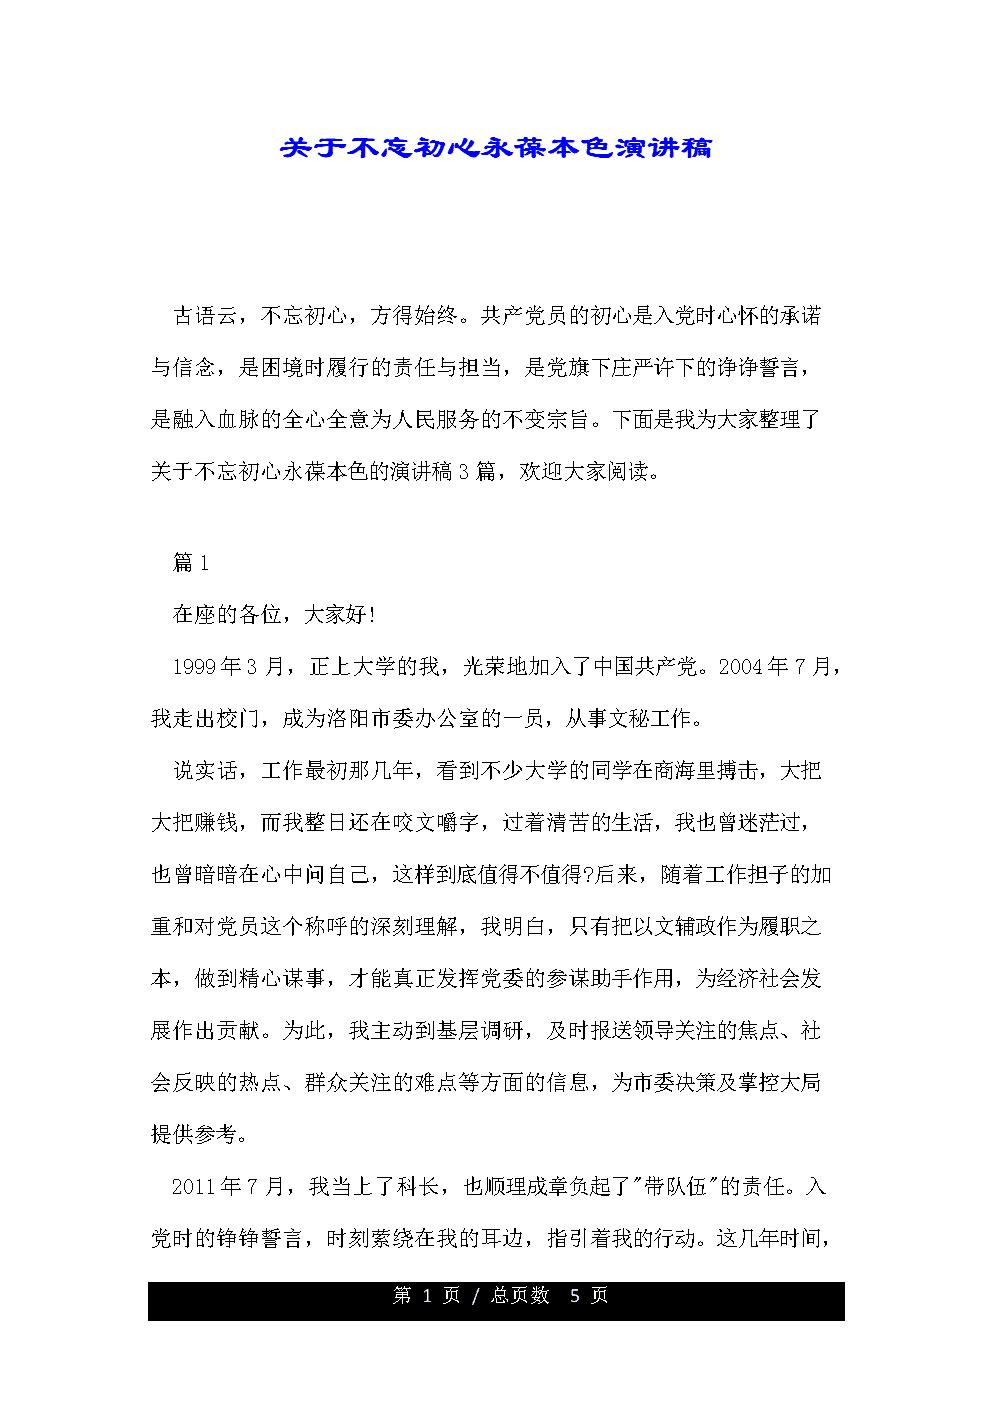 关于不忘初心永葆本色演讲稿.doc